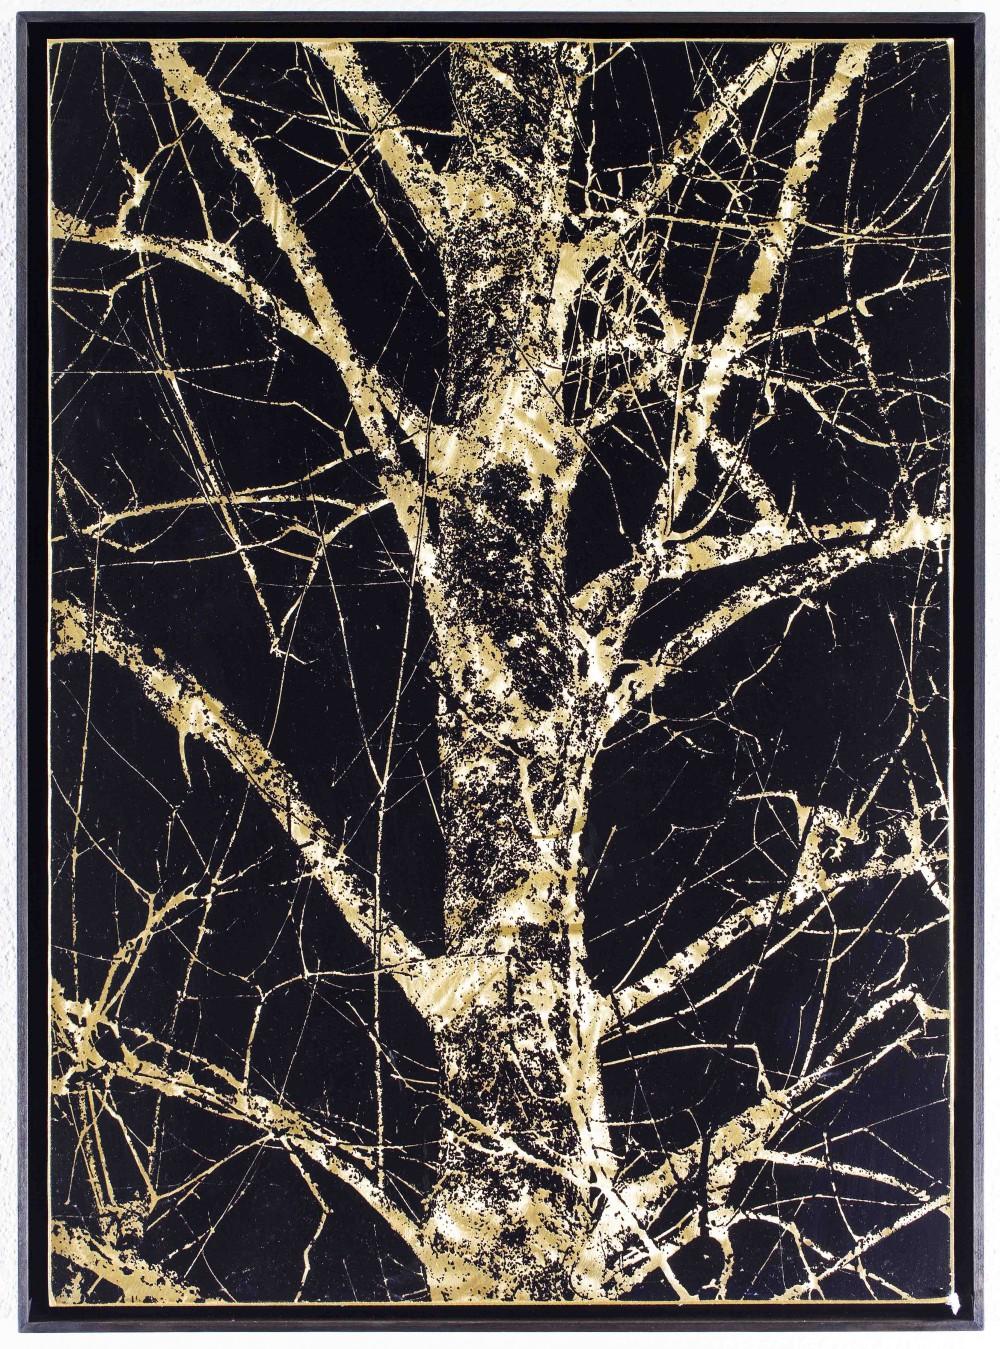 Stammgold, 2015, 70x50cm, Reliefdruck auf Messing